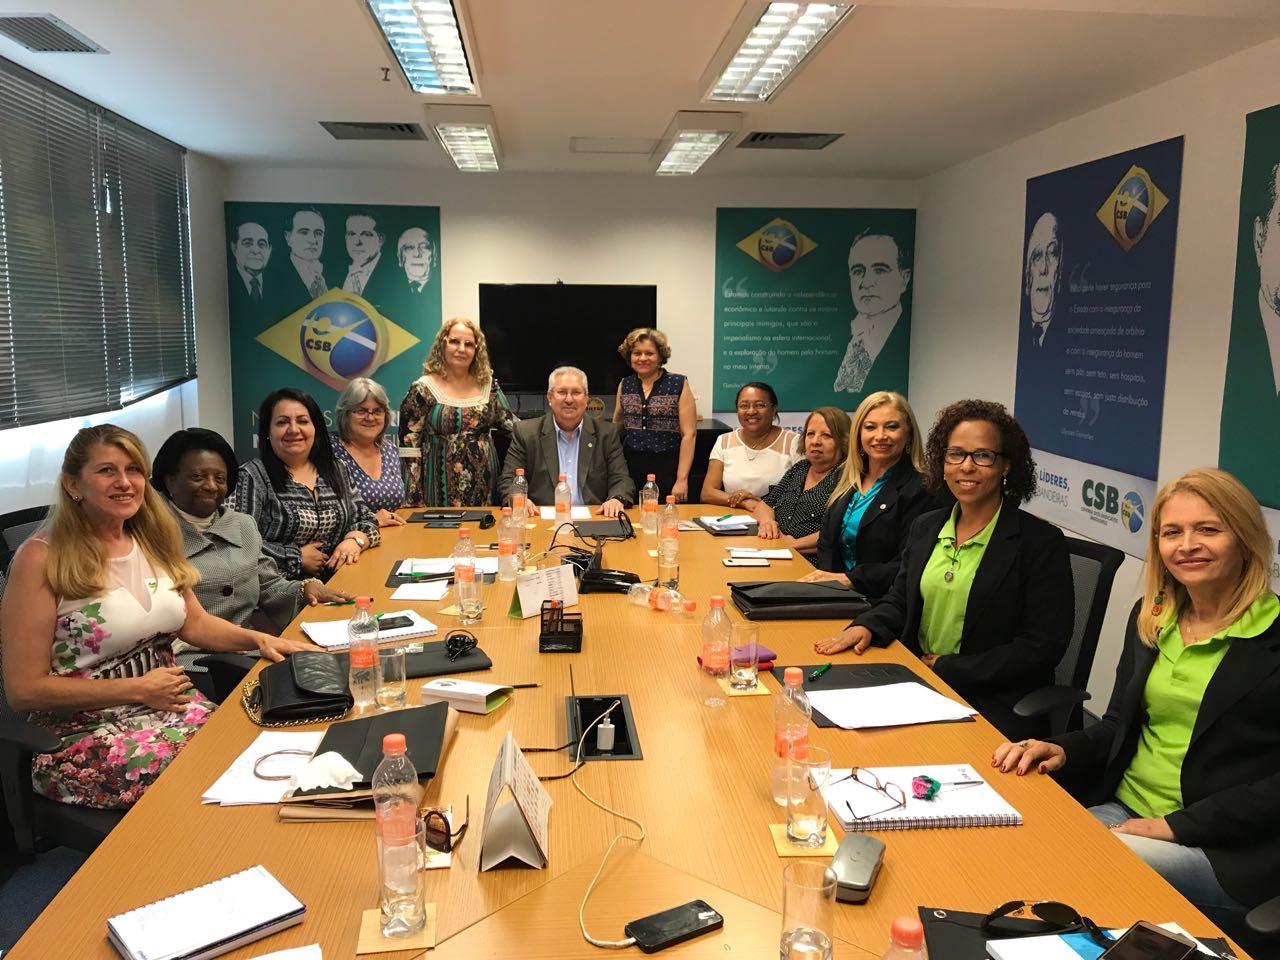 Secretárias estaduais da CSB se reúnem em São Paulo para discutir Encontro Nacional